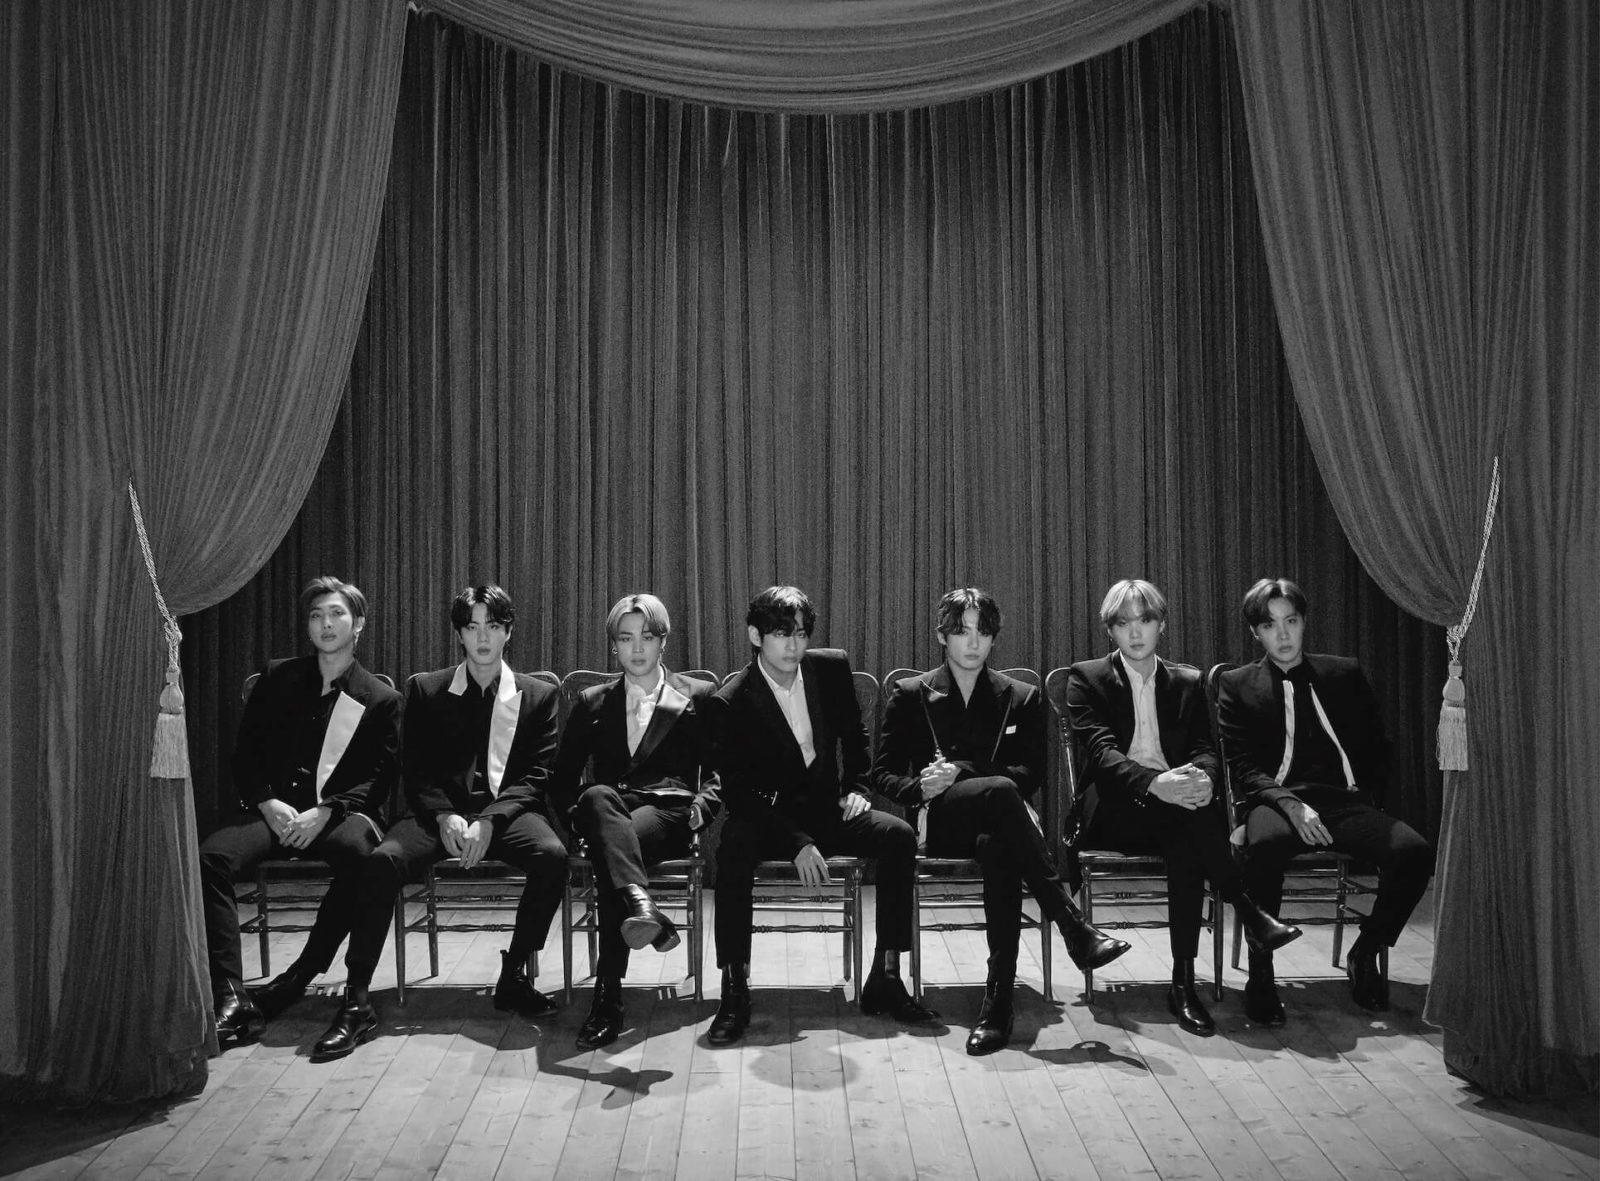 BTS、「Stay Gold」ミュージックビデオが1億再生突破サムネイル画像